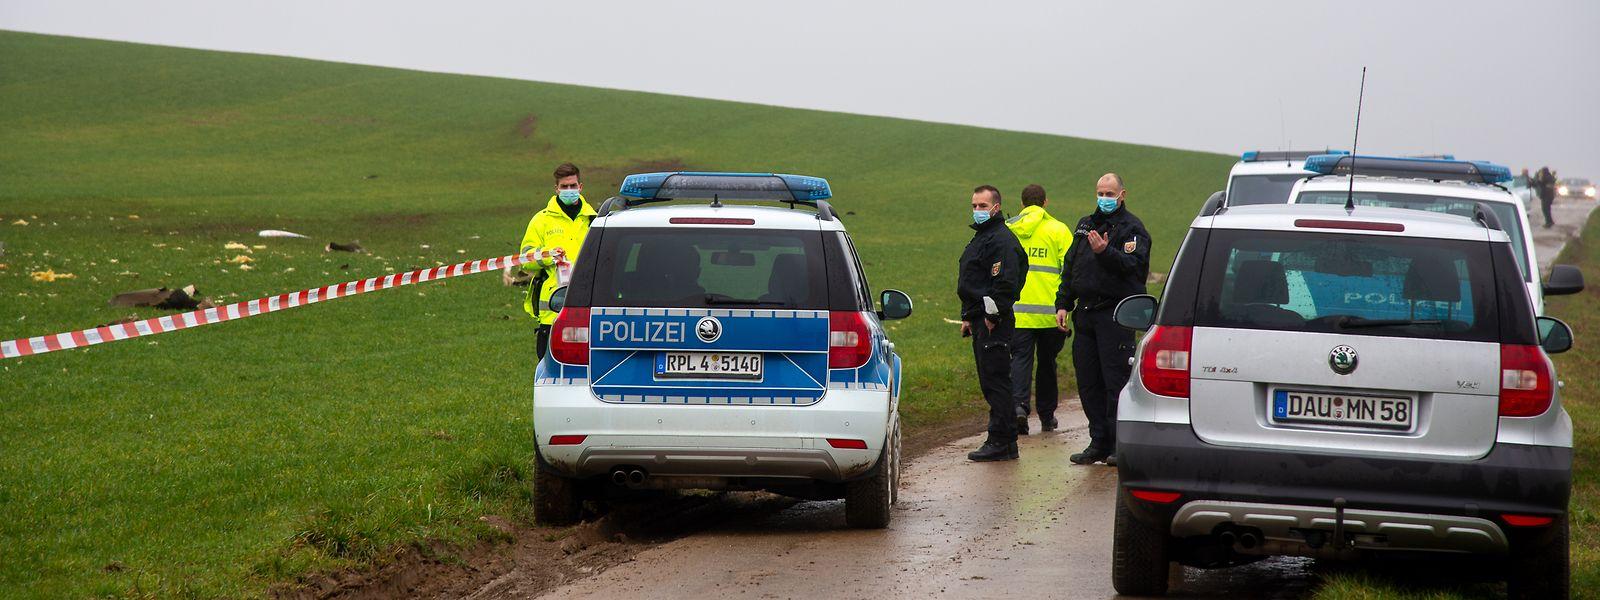 Polizisten stehen an der Unfallstelle nach dem Absturz eines Kleinflugzeugs. Beim Absturz eines einmotorigen Flugzeugs in Rheinland-Pfalz ist der Pilot ums Leben gekommen.